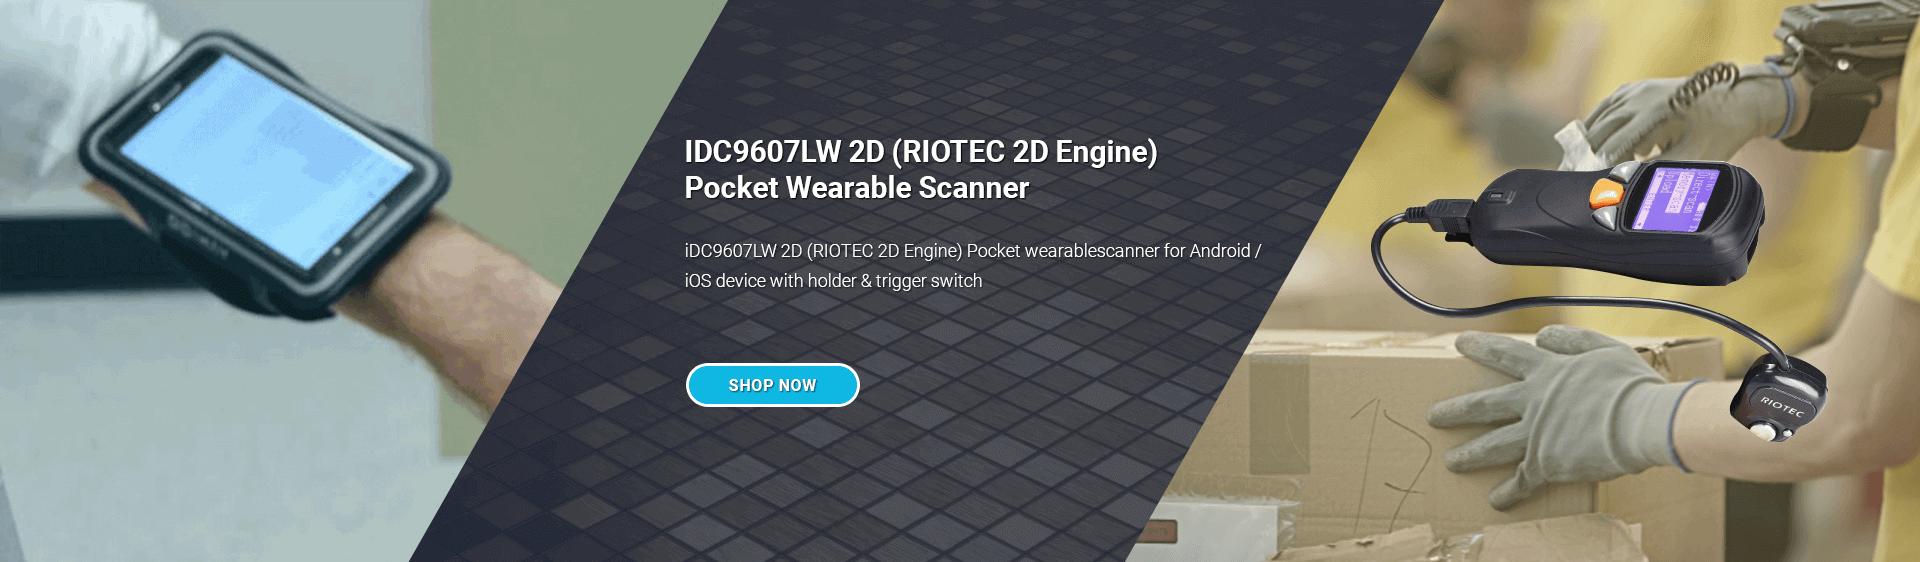 IDC9607LW 2D (RIOTEC 2D ...